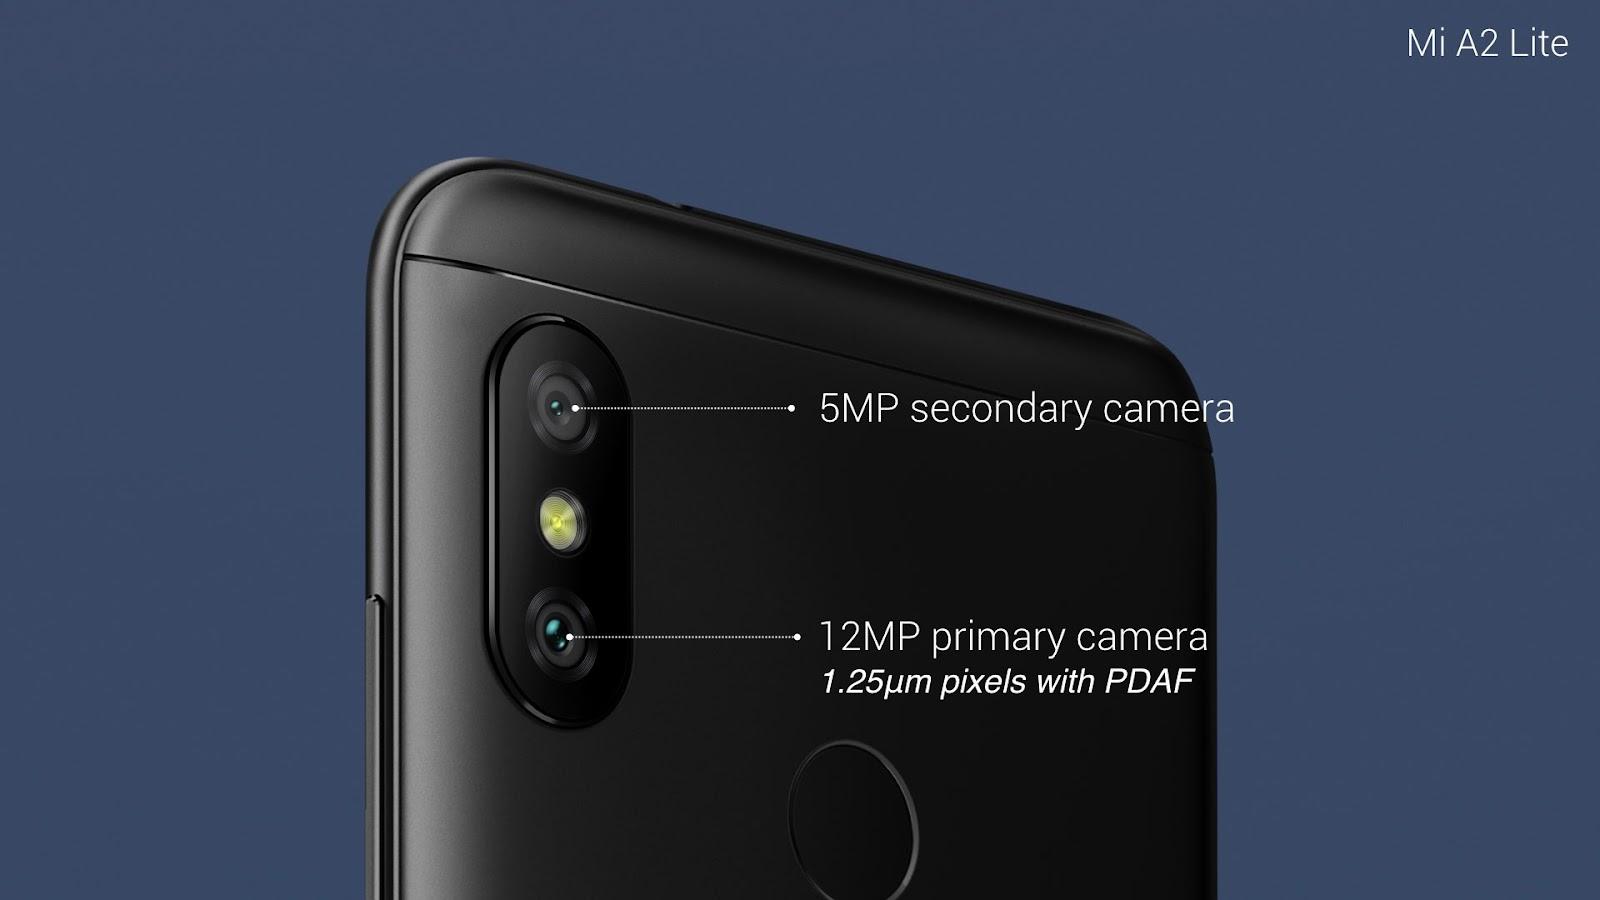 Mi A2 Lite: Get best AI dual camera in its class